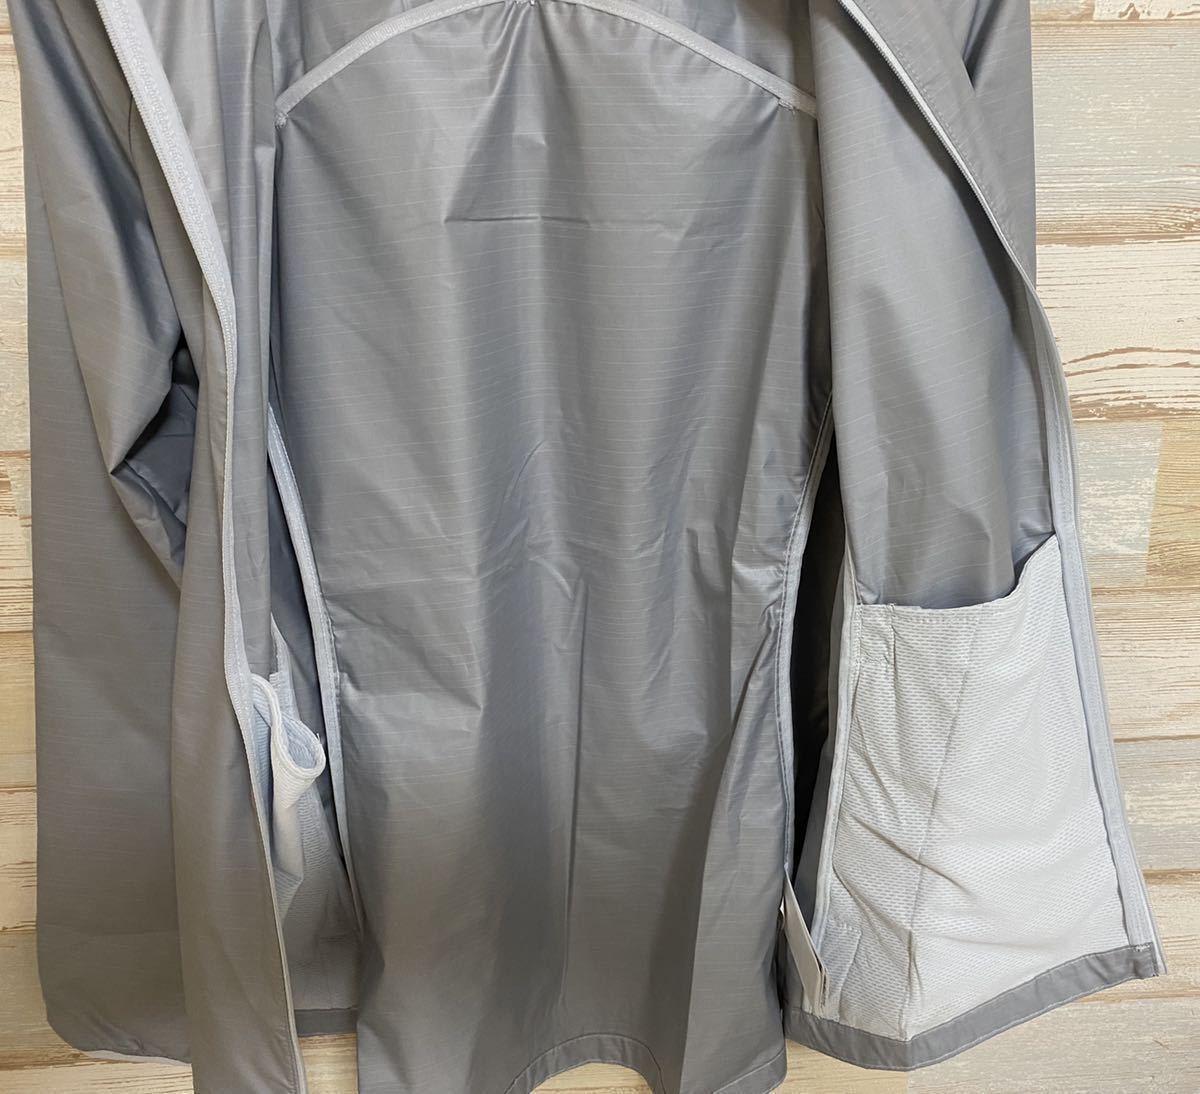 新品 定価8800円 Mサイズ NIKE ナイキ レディース トレーニング ランニング ナイロンジャケット ウインドブレーカー